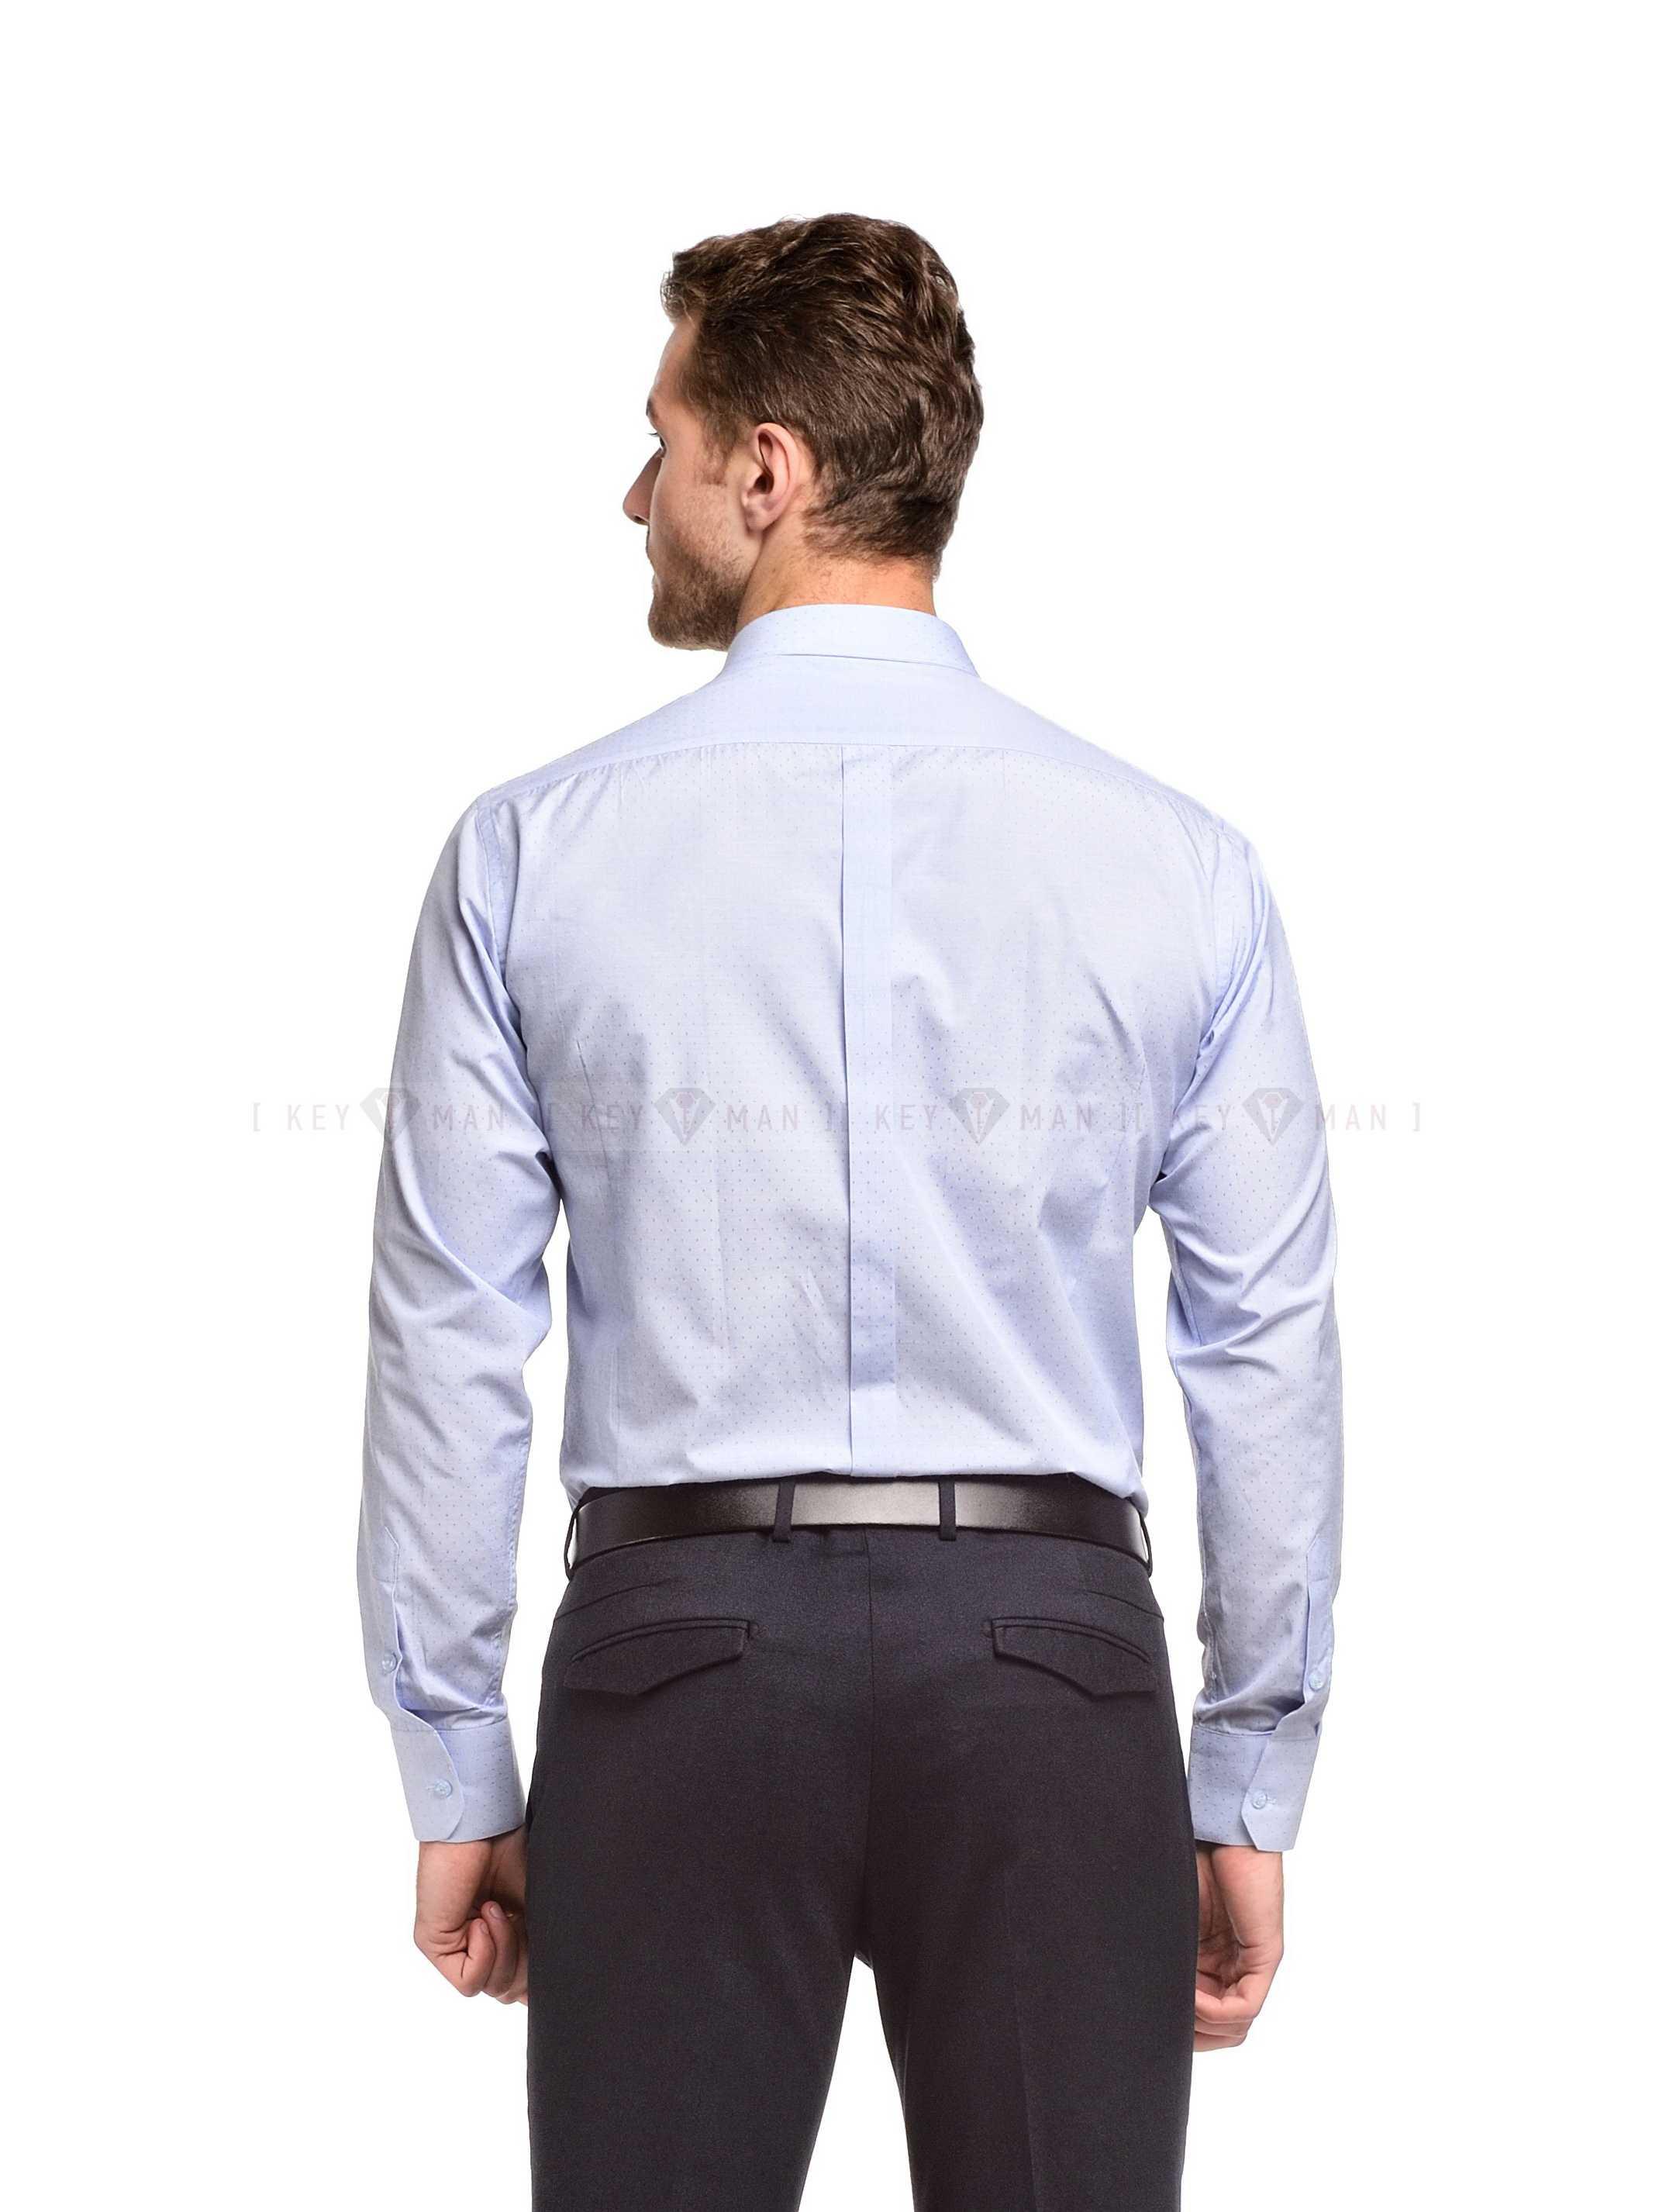 Рубашка мужская голубая в синюю точку (короткий воротник)